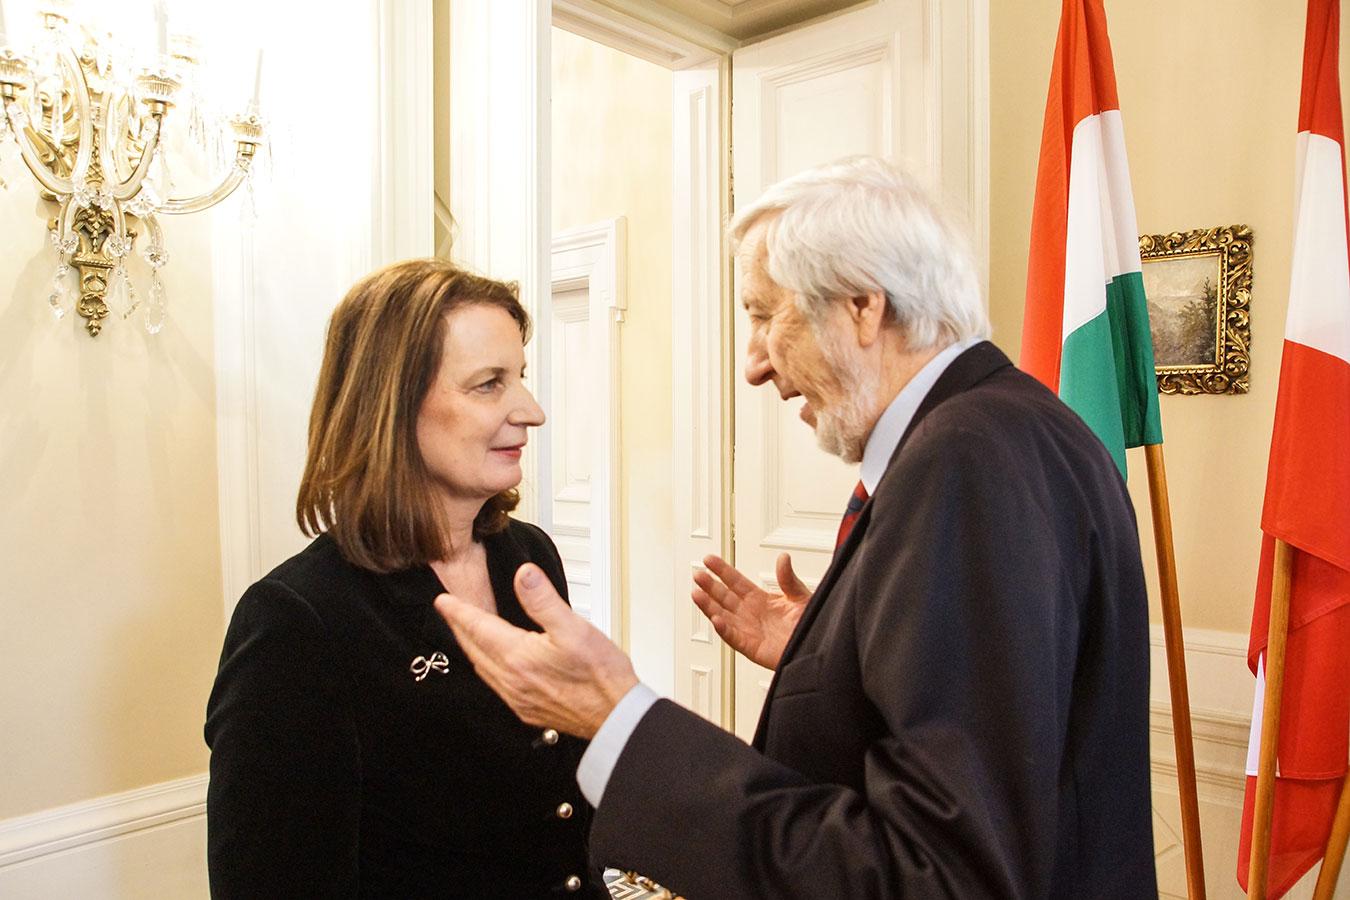 a-national-day-2018-ambassador-ellison-kramer-jeszenszky-geza.jpg